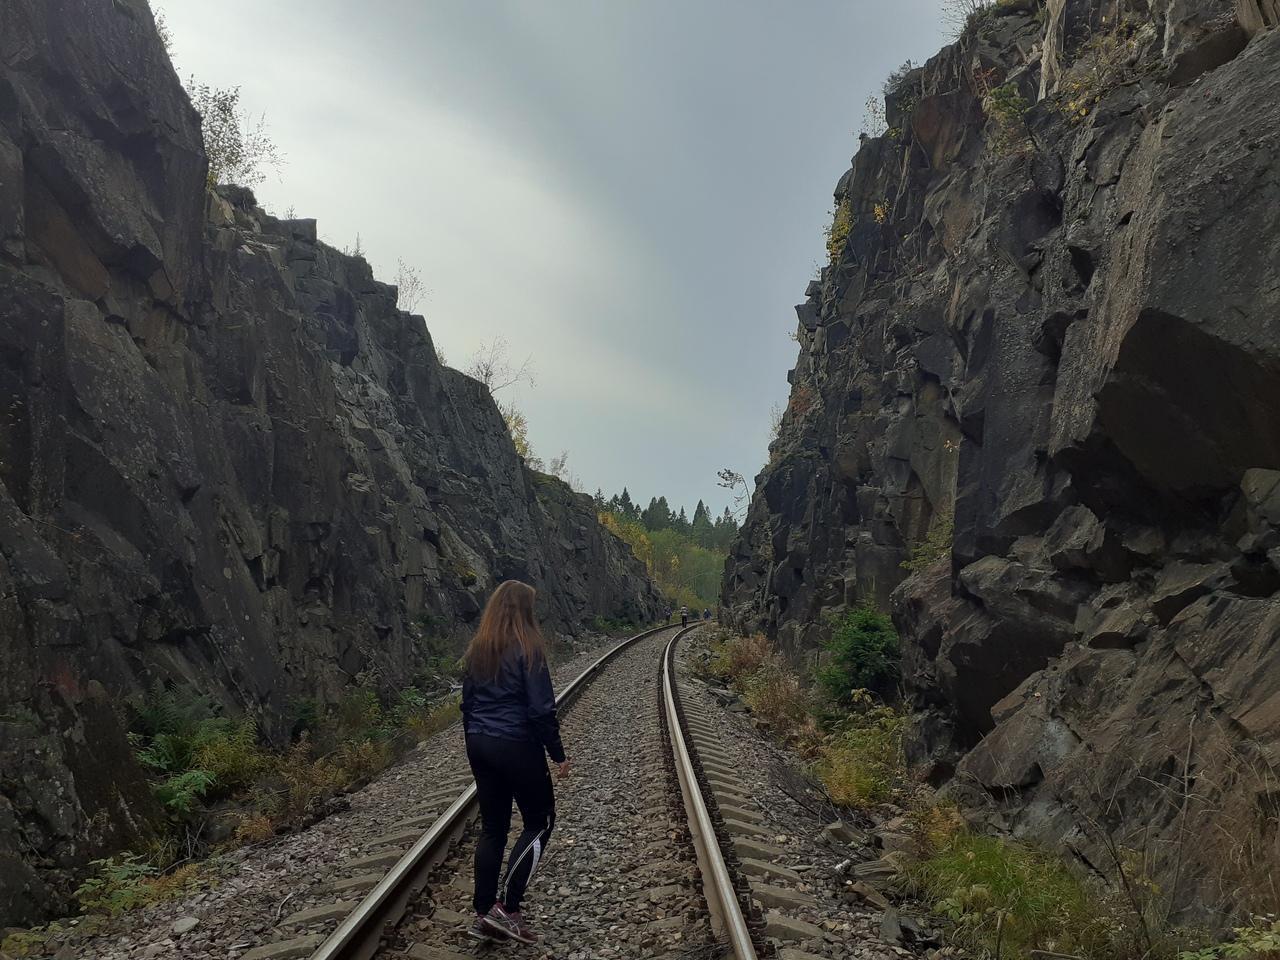 Осенняя Карелия. Река Асиланйоки, город Сортавала и гранитный каньон Импилахти